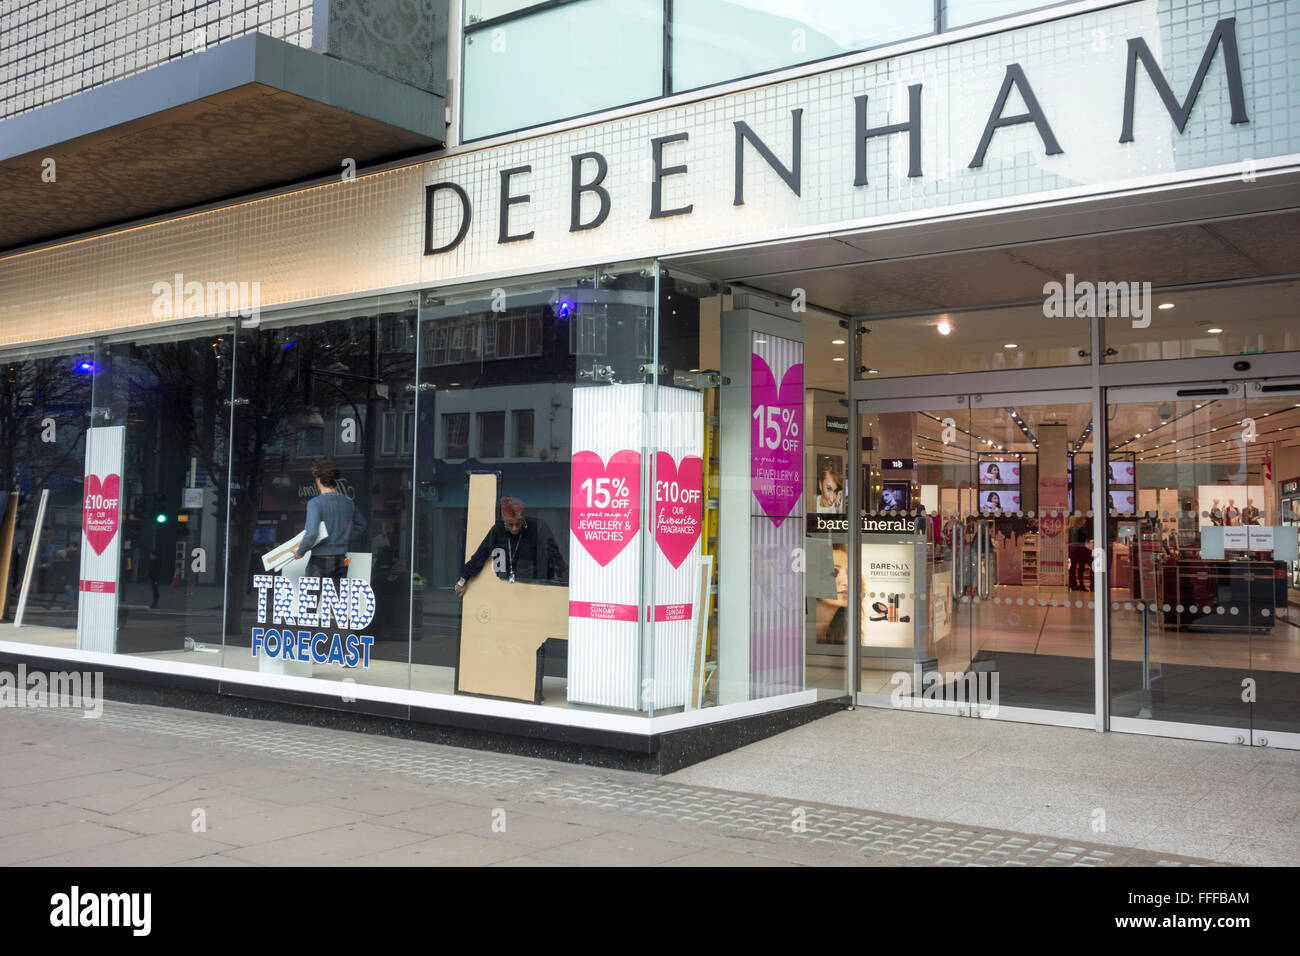 Londres, Royaume-Uni. 11 Février 2016: Debenhams department store installer et lancer la Saint-Valentin Photo Stock